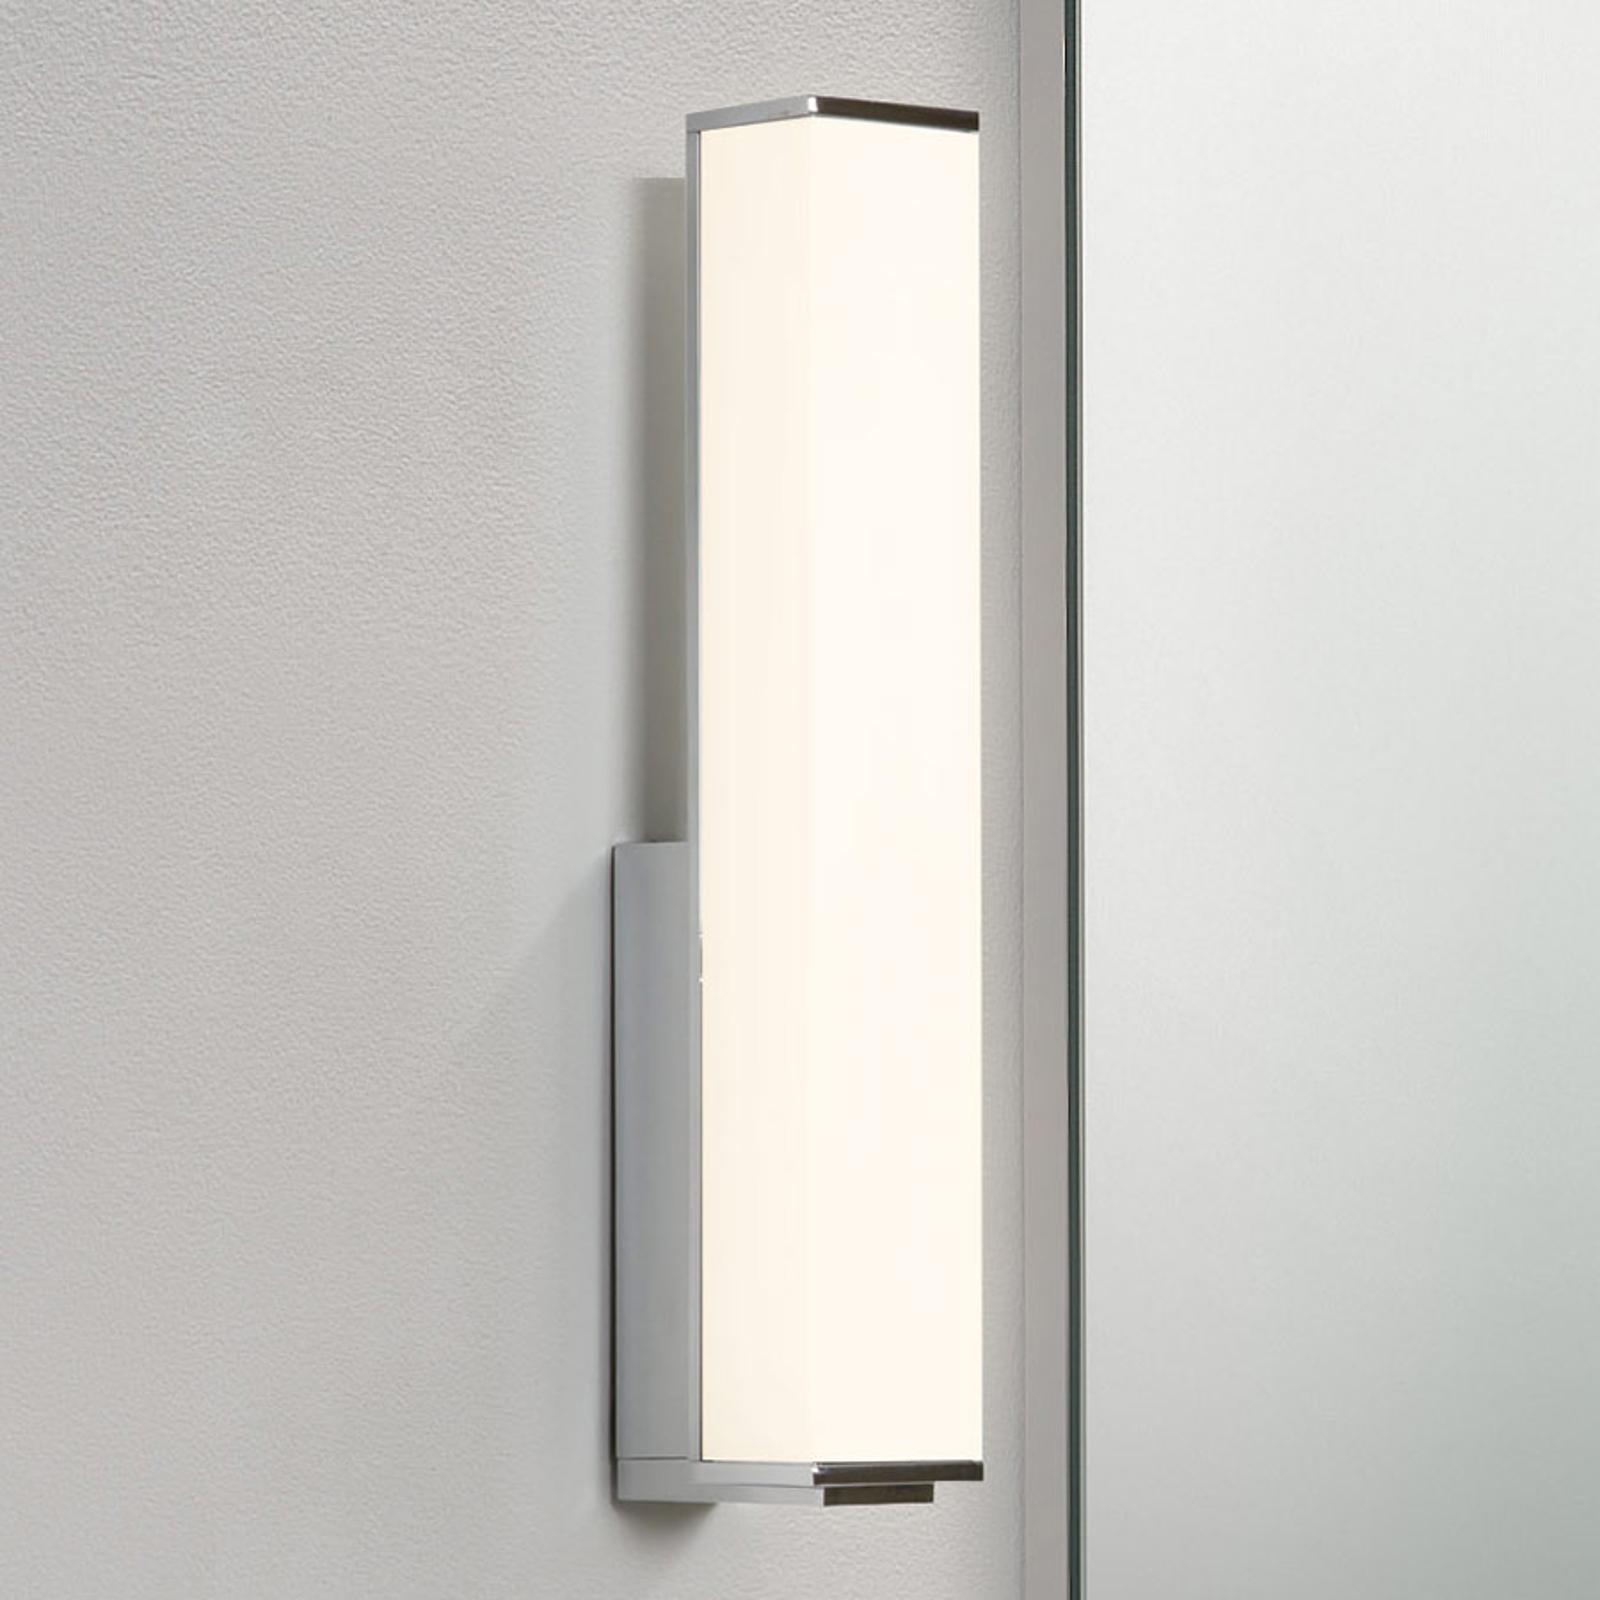 LED-peilivalaisin Karla kylpyhuoneeseen